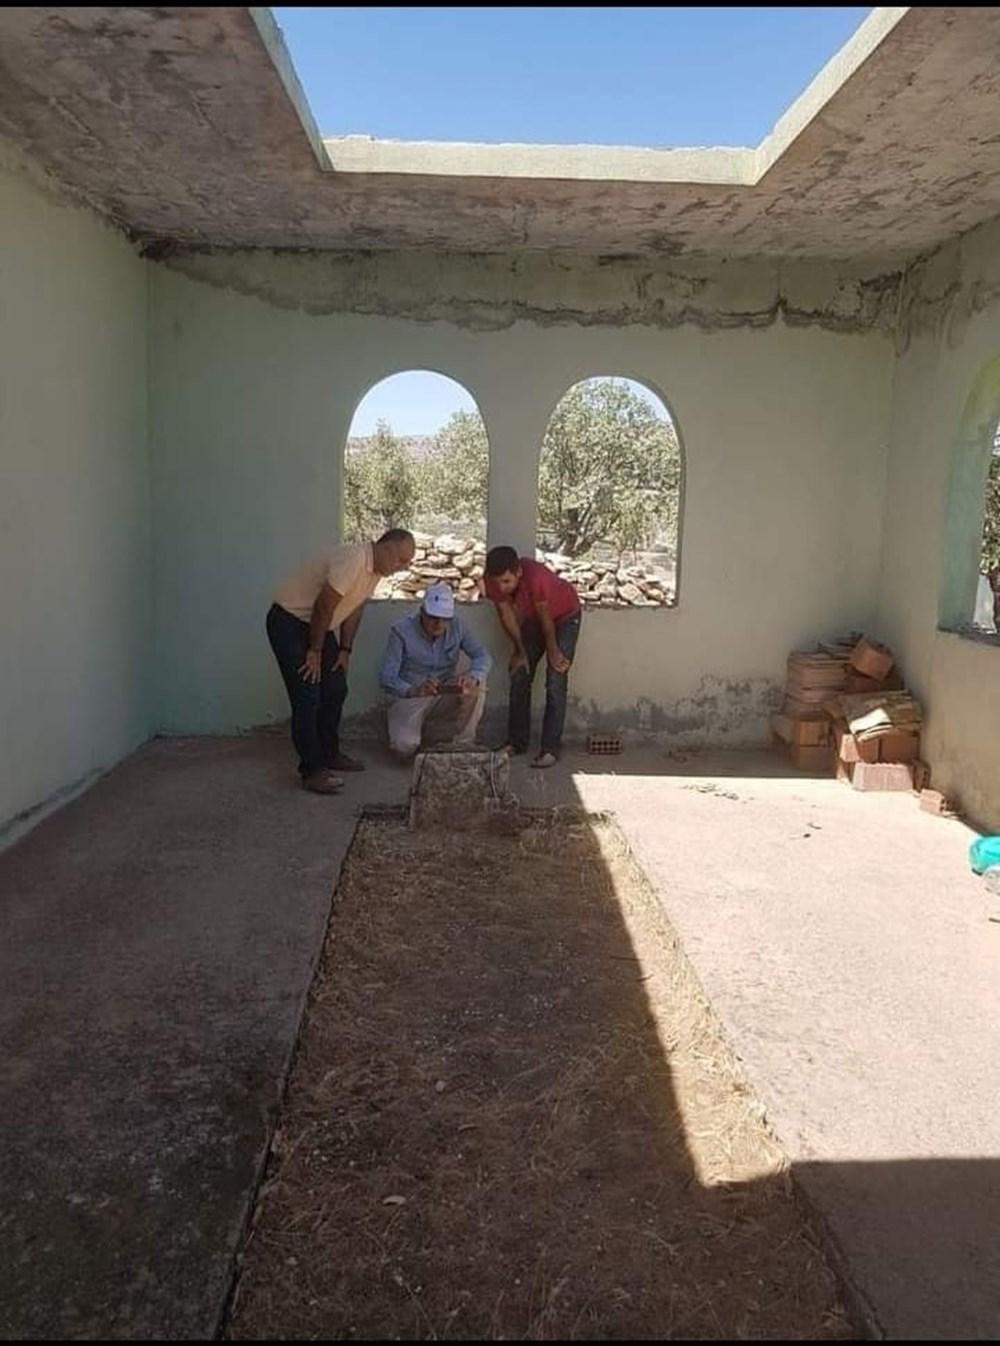 Dicle'de keşfedilen Sahabe Tepesi arkeolojik sit alanı olarak tescillendi - 3